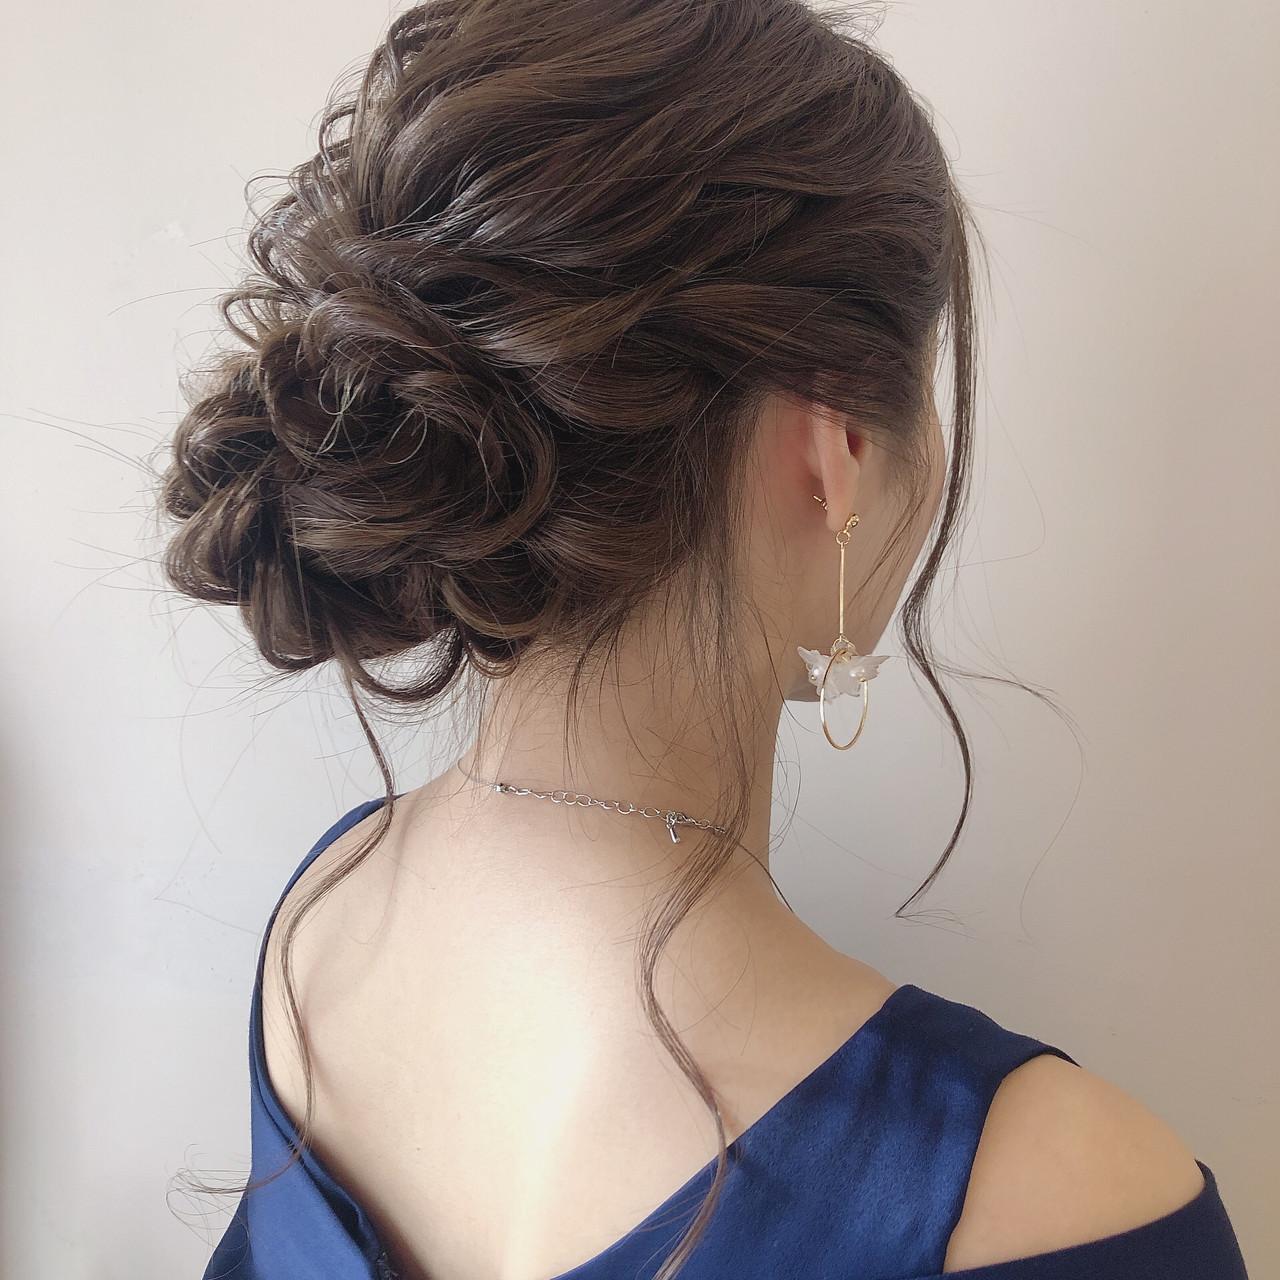 ヘアセット セミロング エレガント 簡単ヘアアレンジ ヘアスタイルや髪型の写真・画像